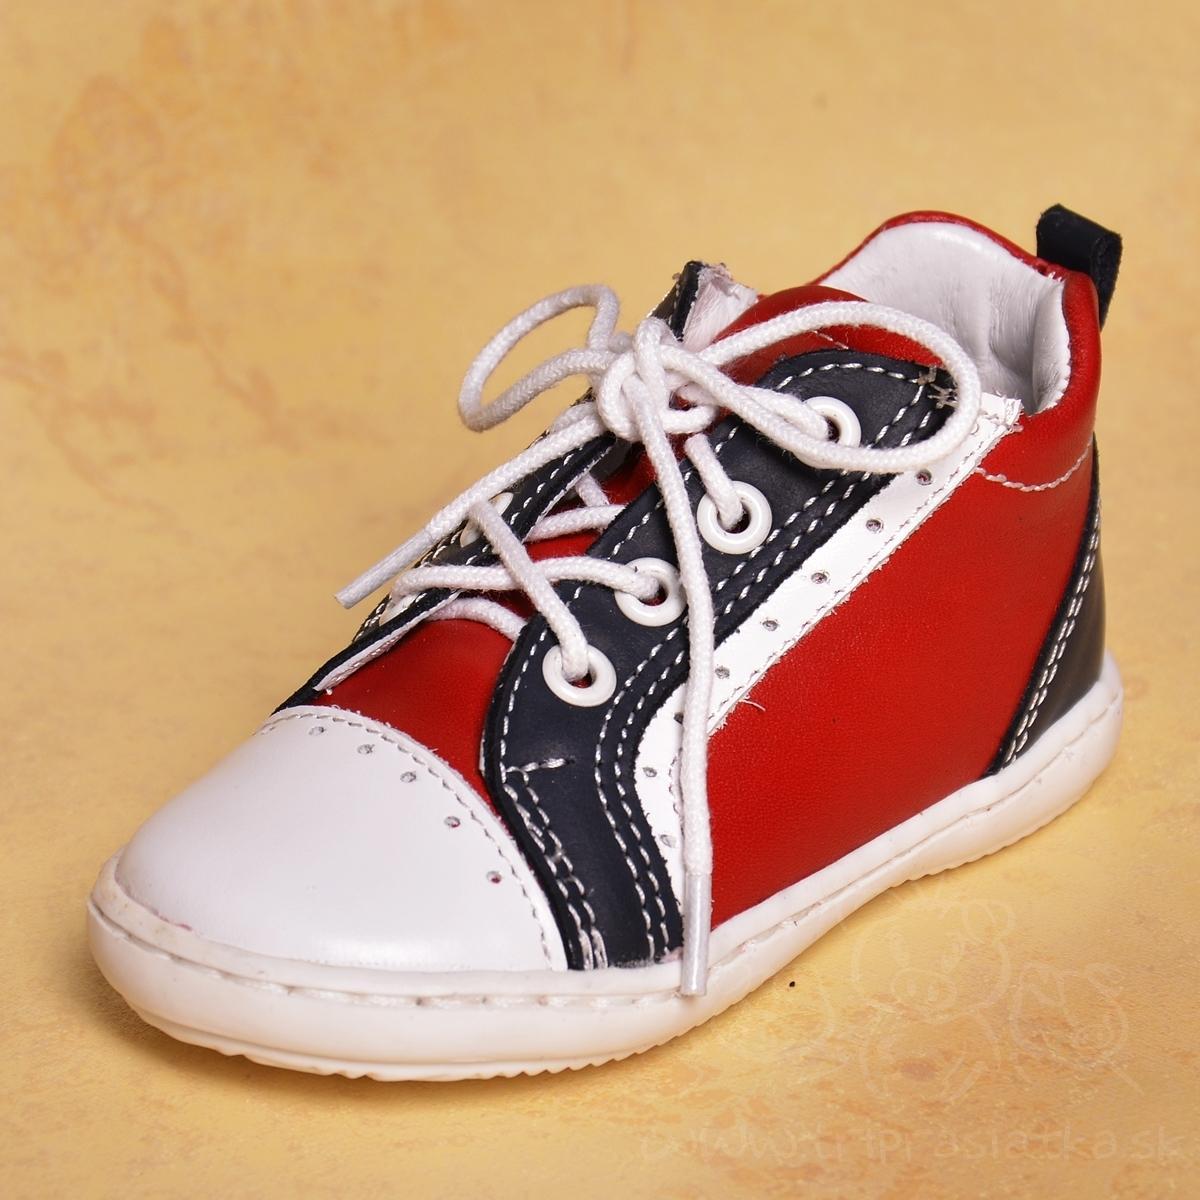 49e2cbaf66372 Detské kvalitné kožené topánočky renbut / botasky, 25 - 26,60 € od  predávajúcej 3prasiatka_sk   Detský bazár   ModryKonik.sk